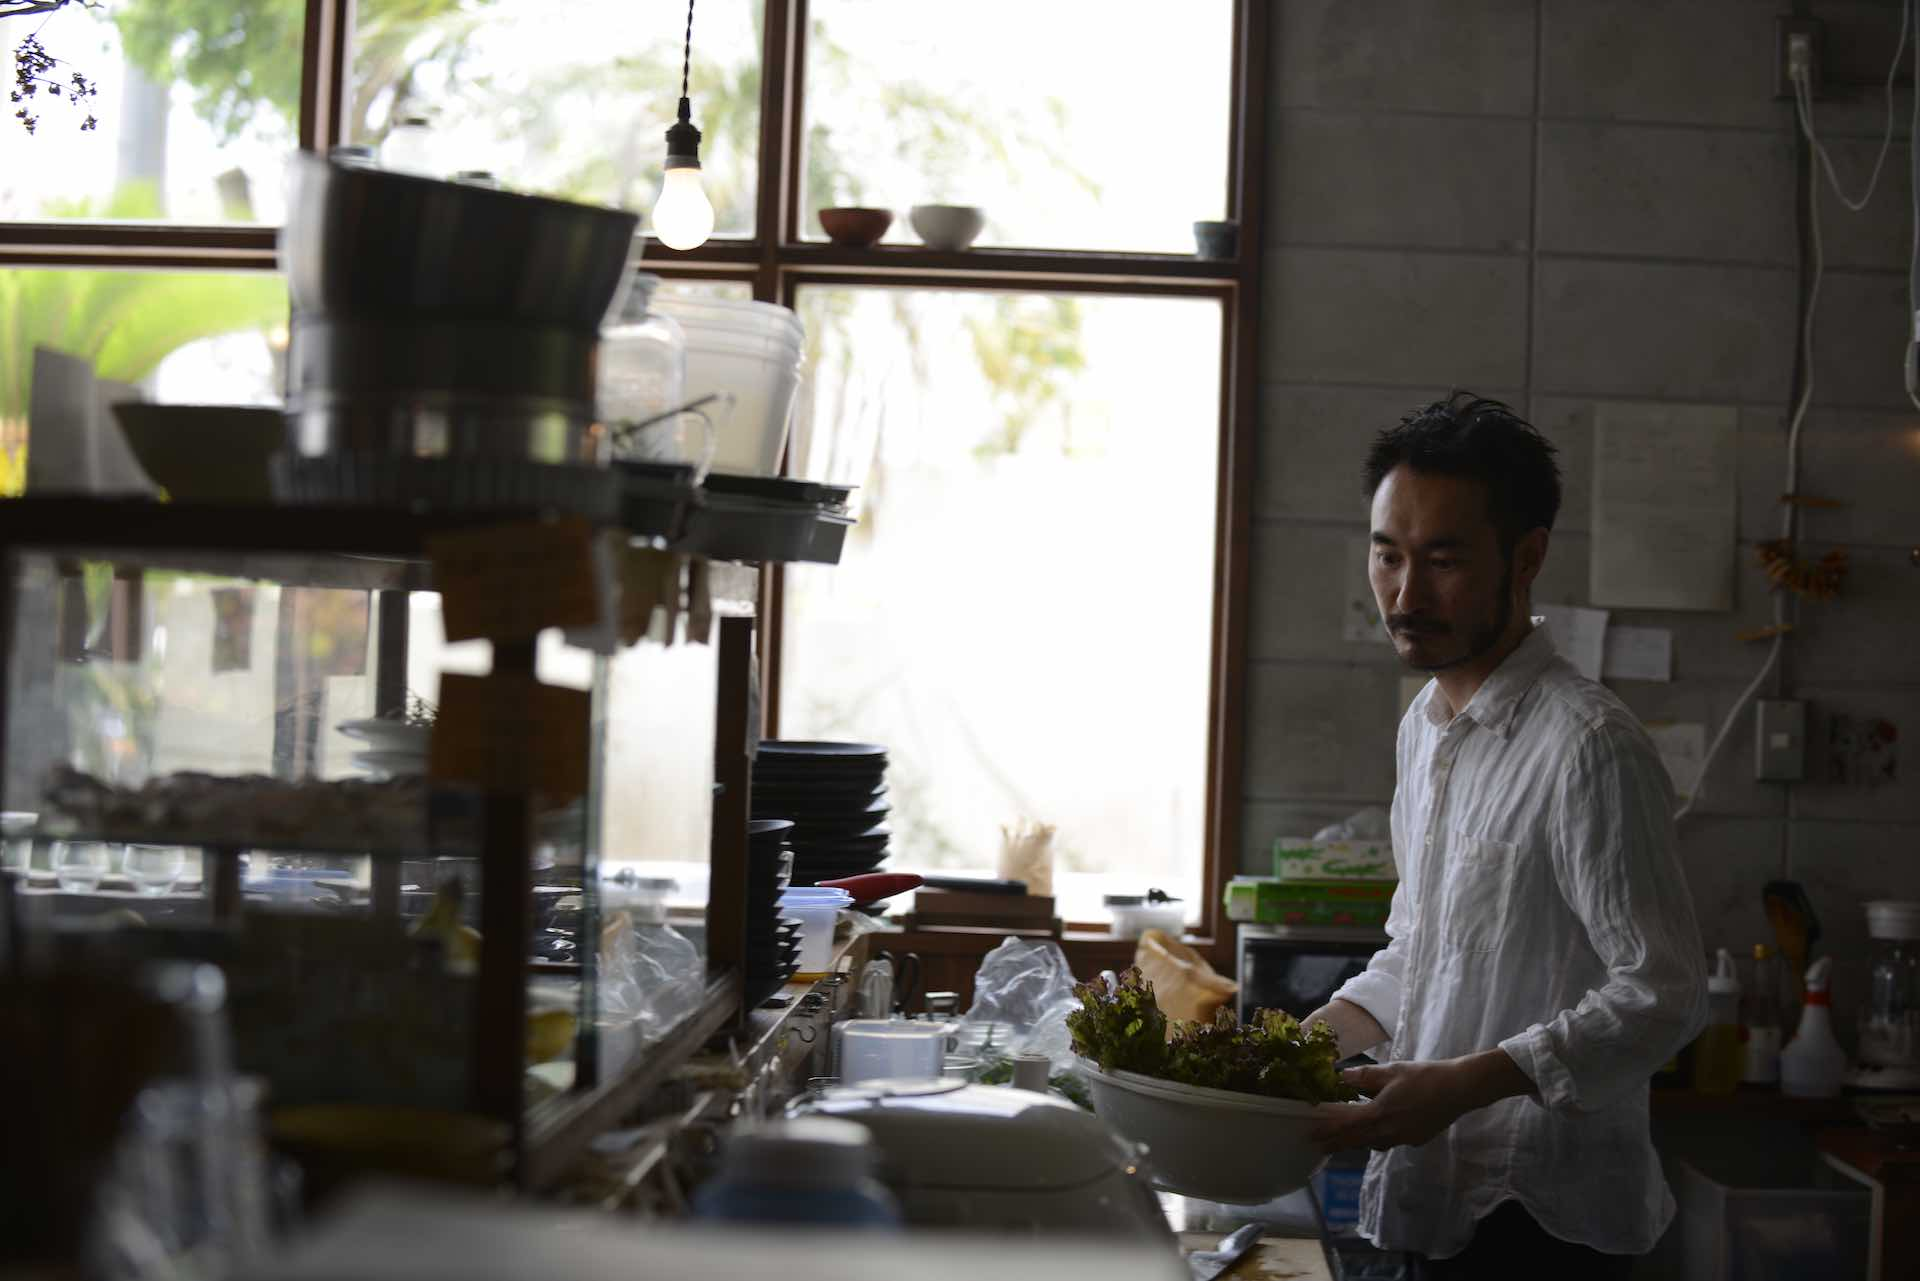 オーナー兼シェフの五十嵐亮 (まこと) さん。手には盛りだくさんの旬の野菜